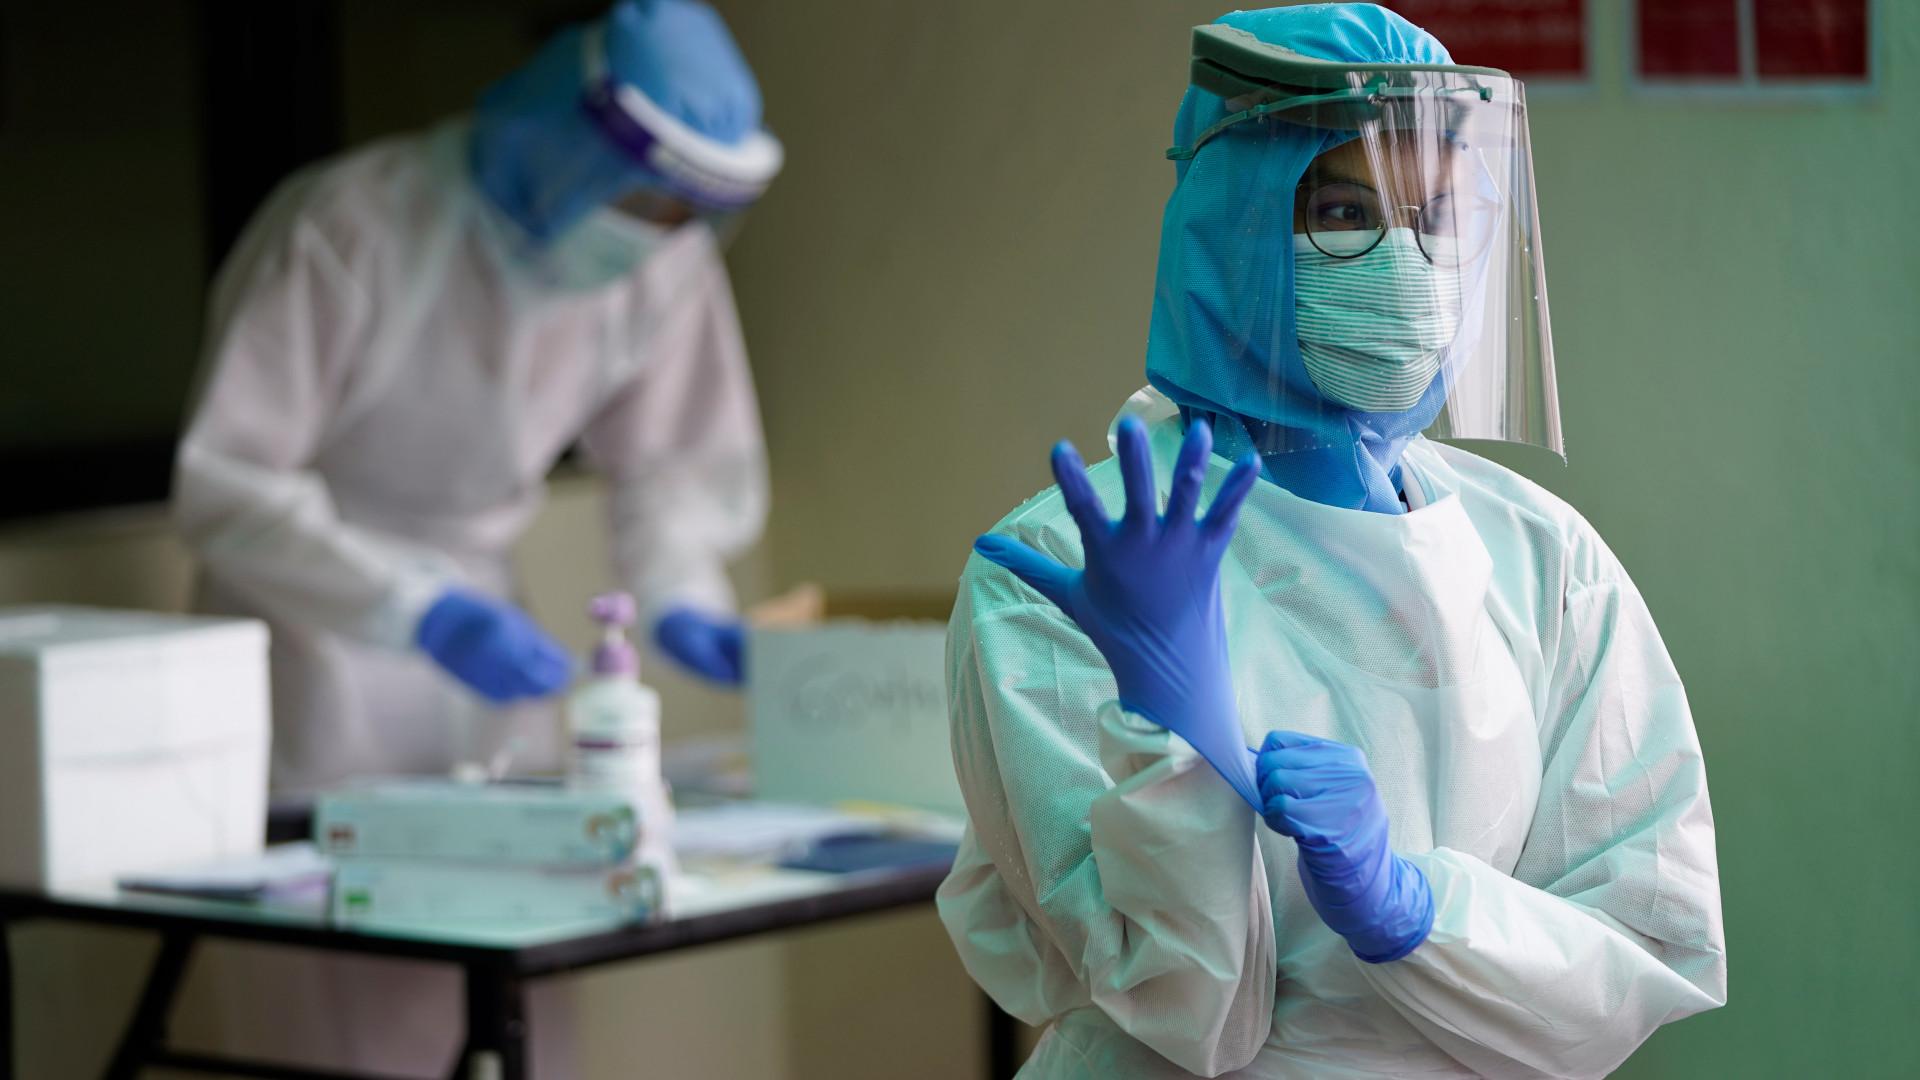 Якутия получит 968 млн рублей на поддержку системы здравоохранения